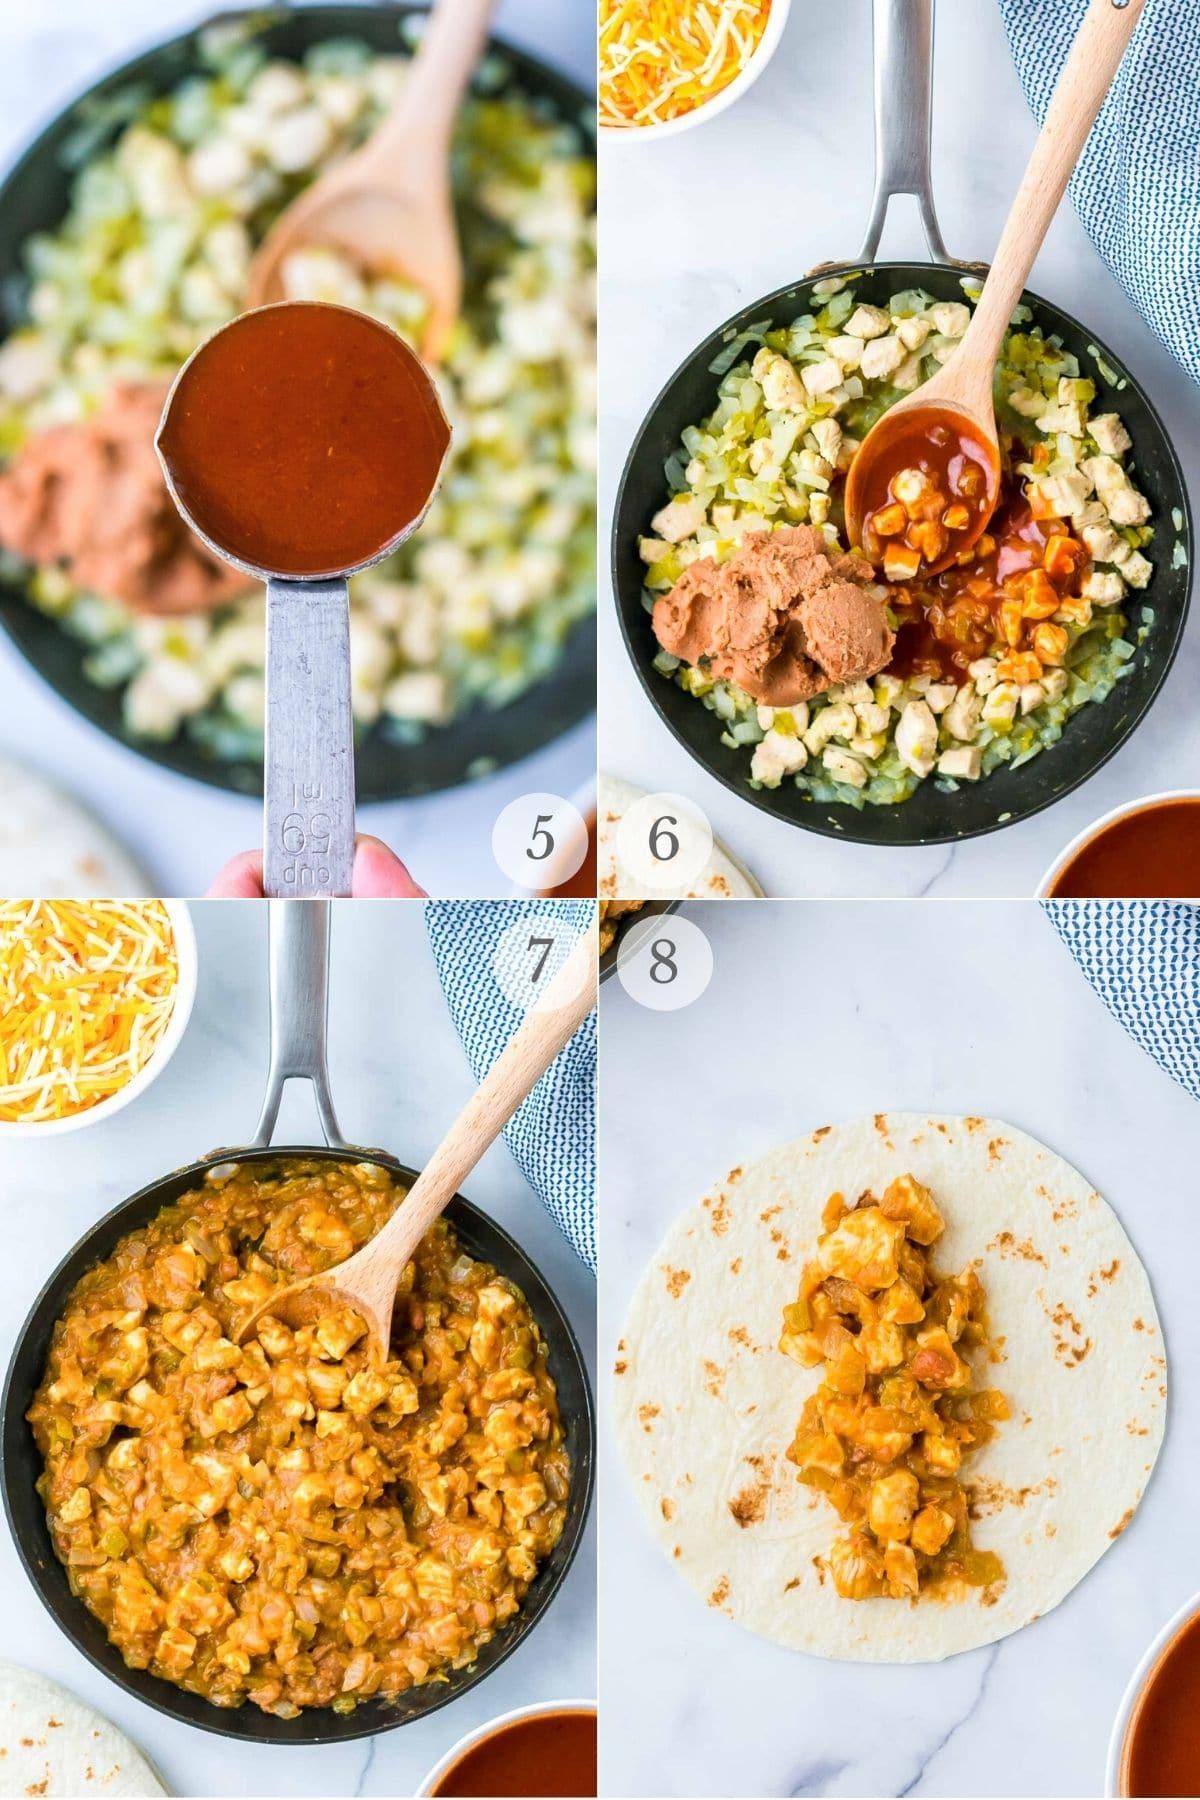 chicken enchiladas recipe steps 5-8